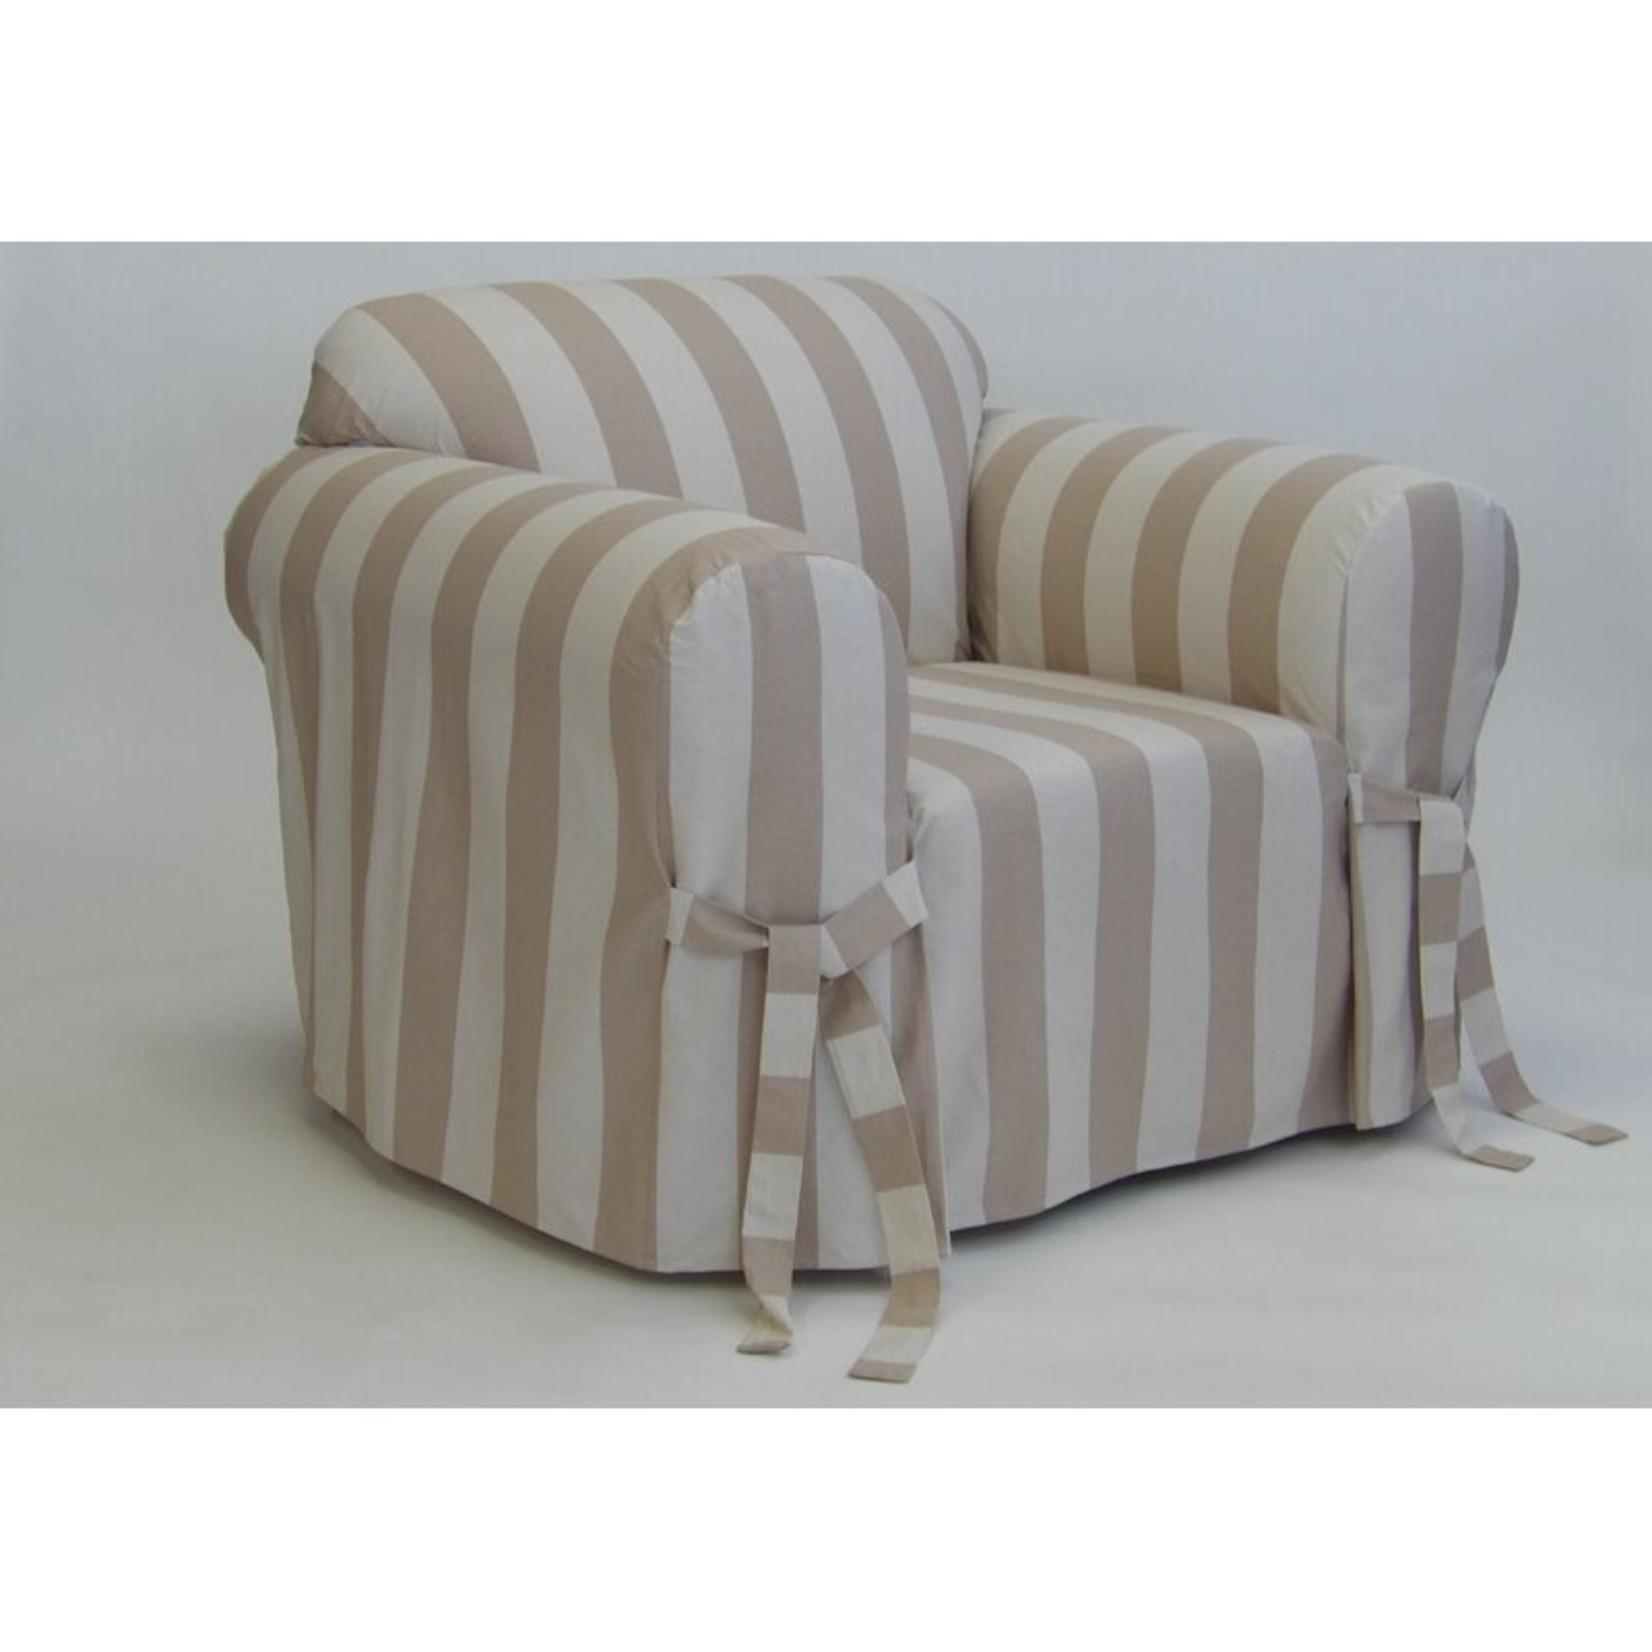 *Stripe Box Cushion Armchair Slipcover - Taupe/Cream